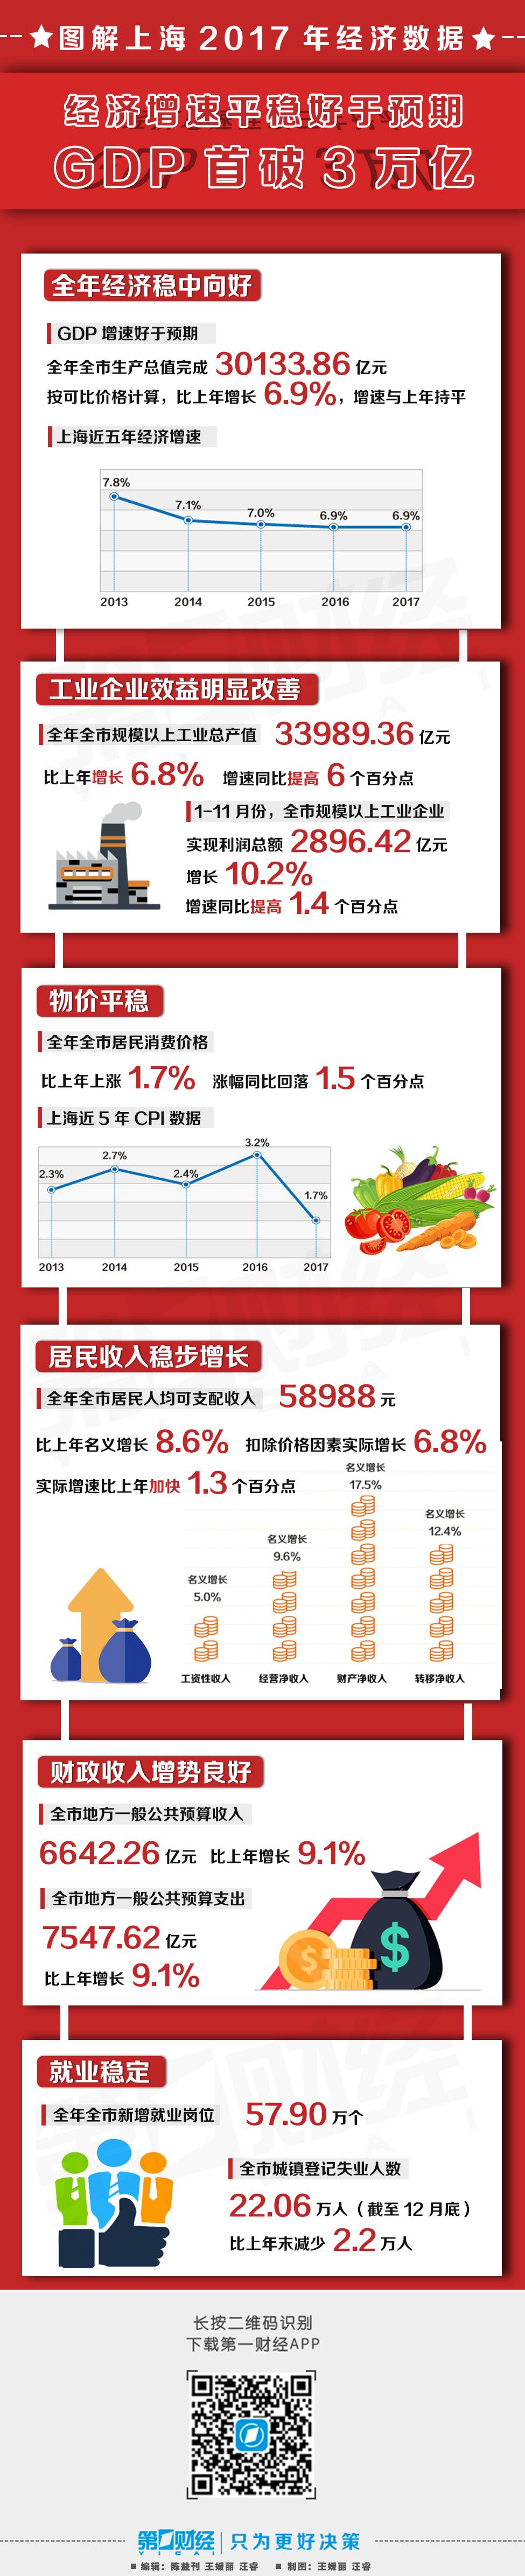 图解2017年上海经济数据:GDP首破3万亿